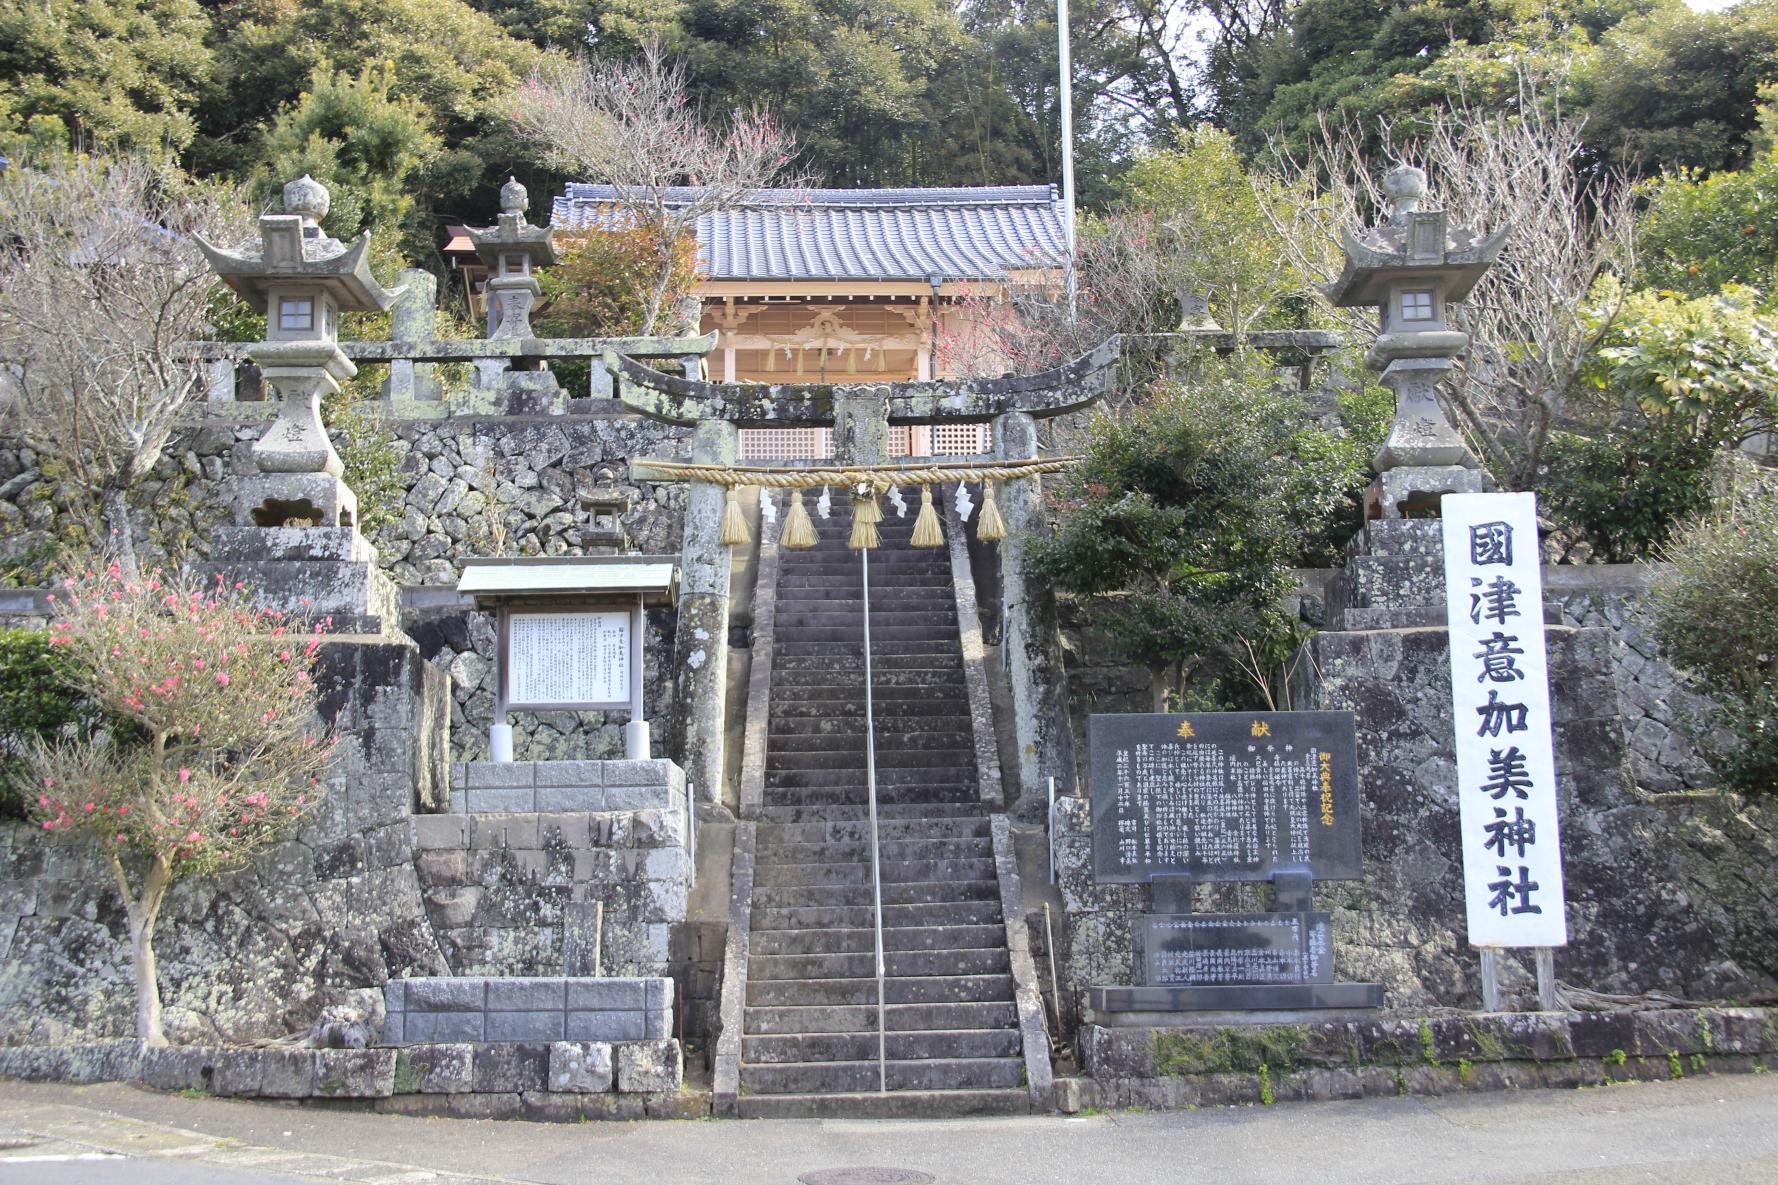 國津意加美神社(くにつおかみじんじゃ)-1